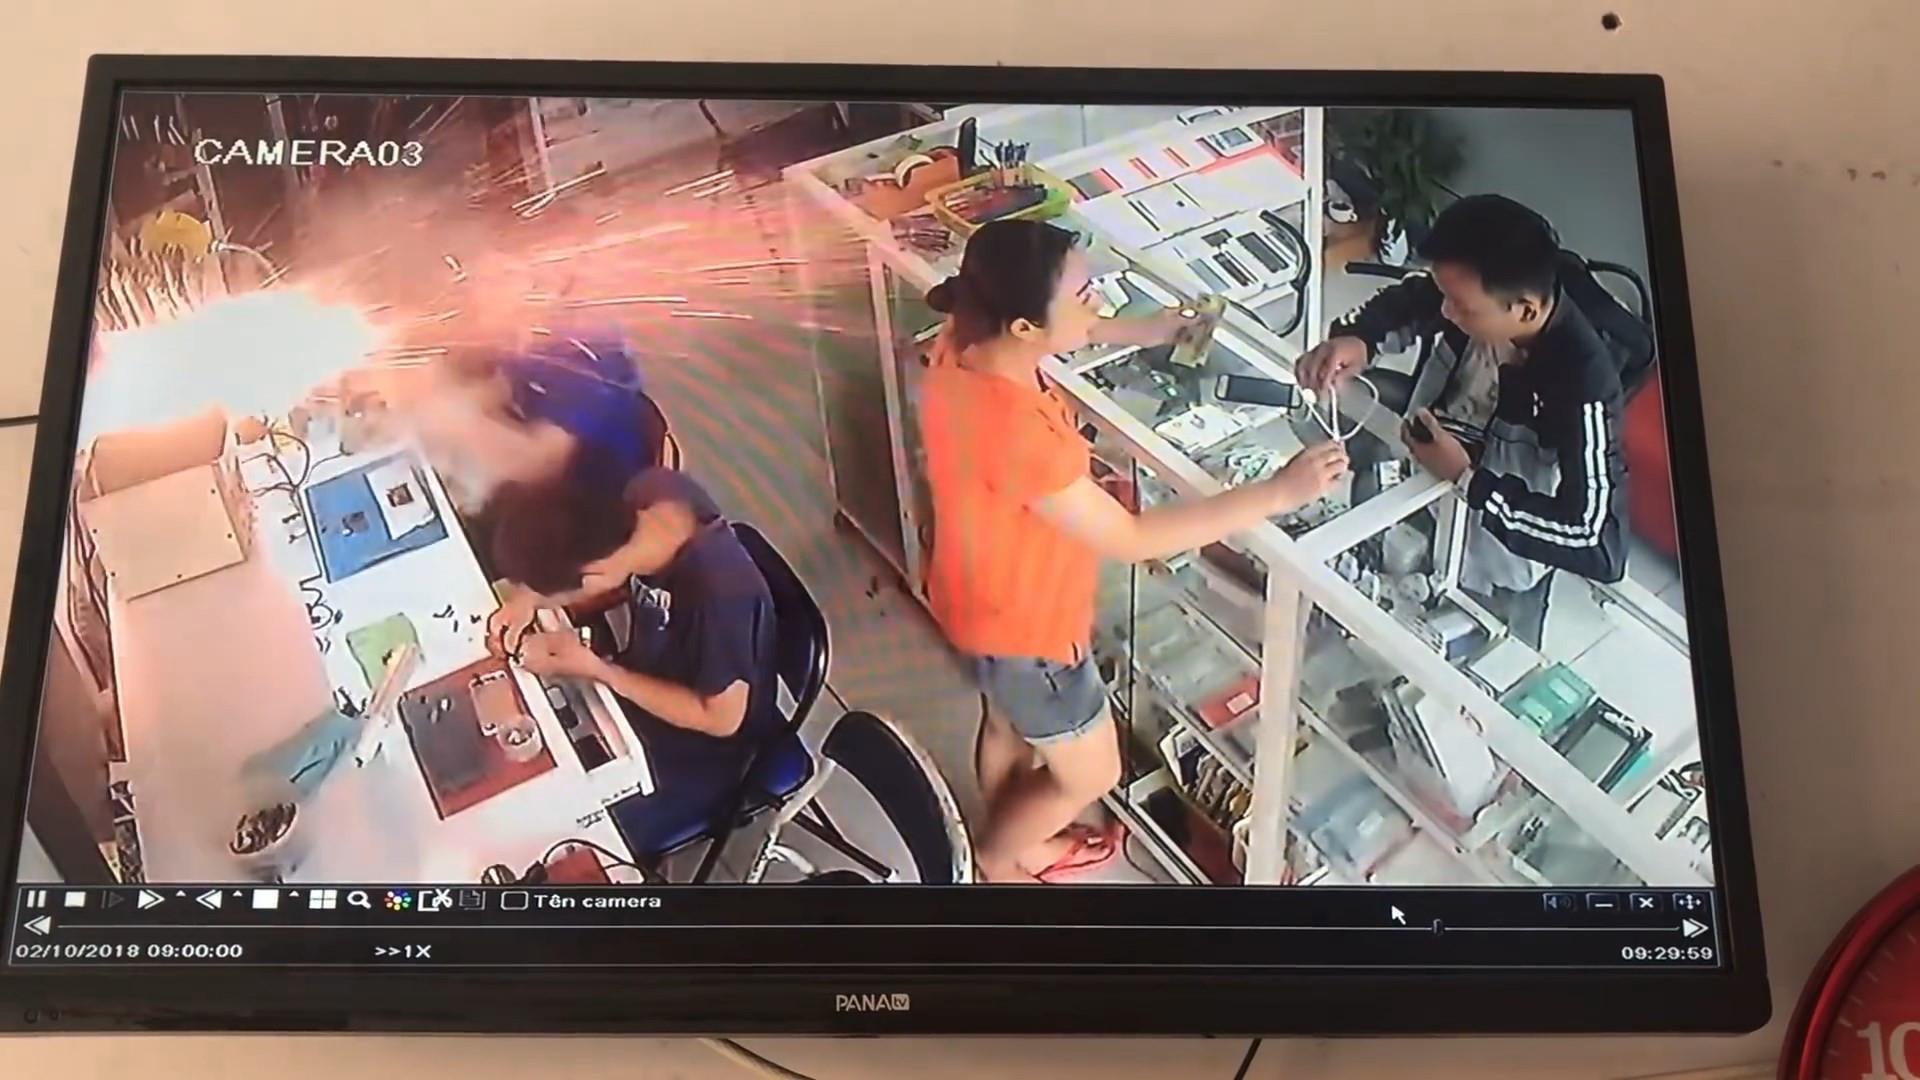 Bateria de celular explode em loja no Vietnã